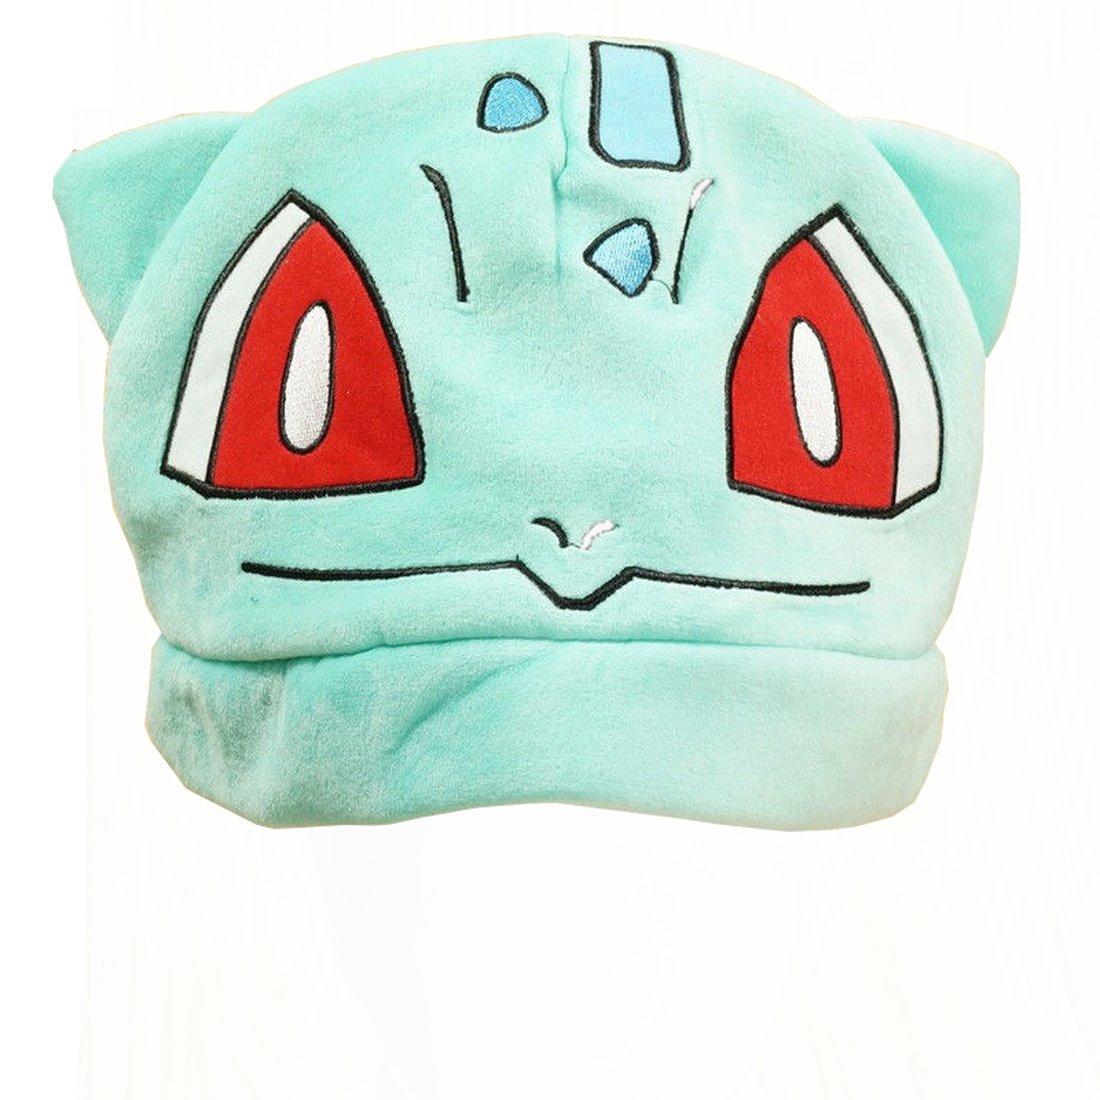 cappello cuffia azzurro animaletto derba 20x30x20 cm cosplay Pidak shop